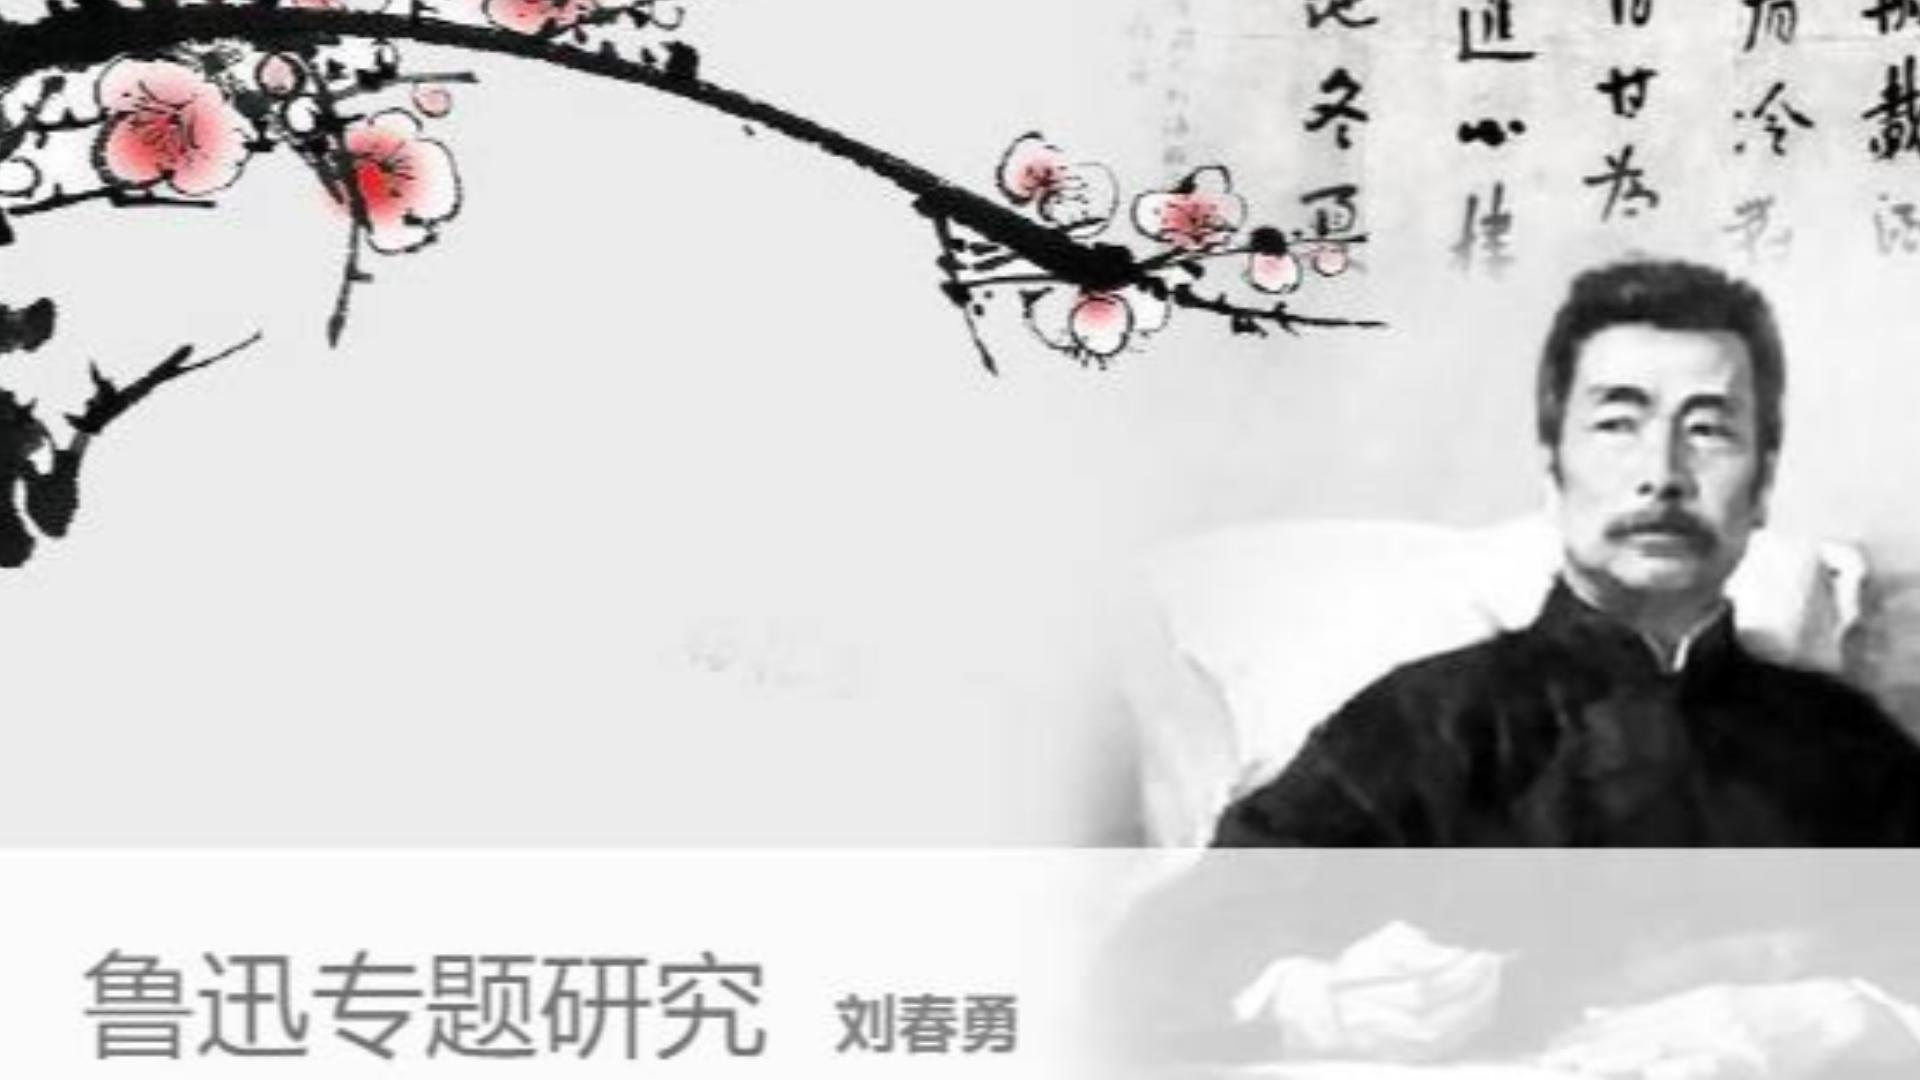 中国传媒大学 鲁迅专题研究  主讲-刘春勇【全77讲】